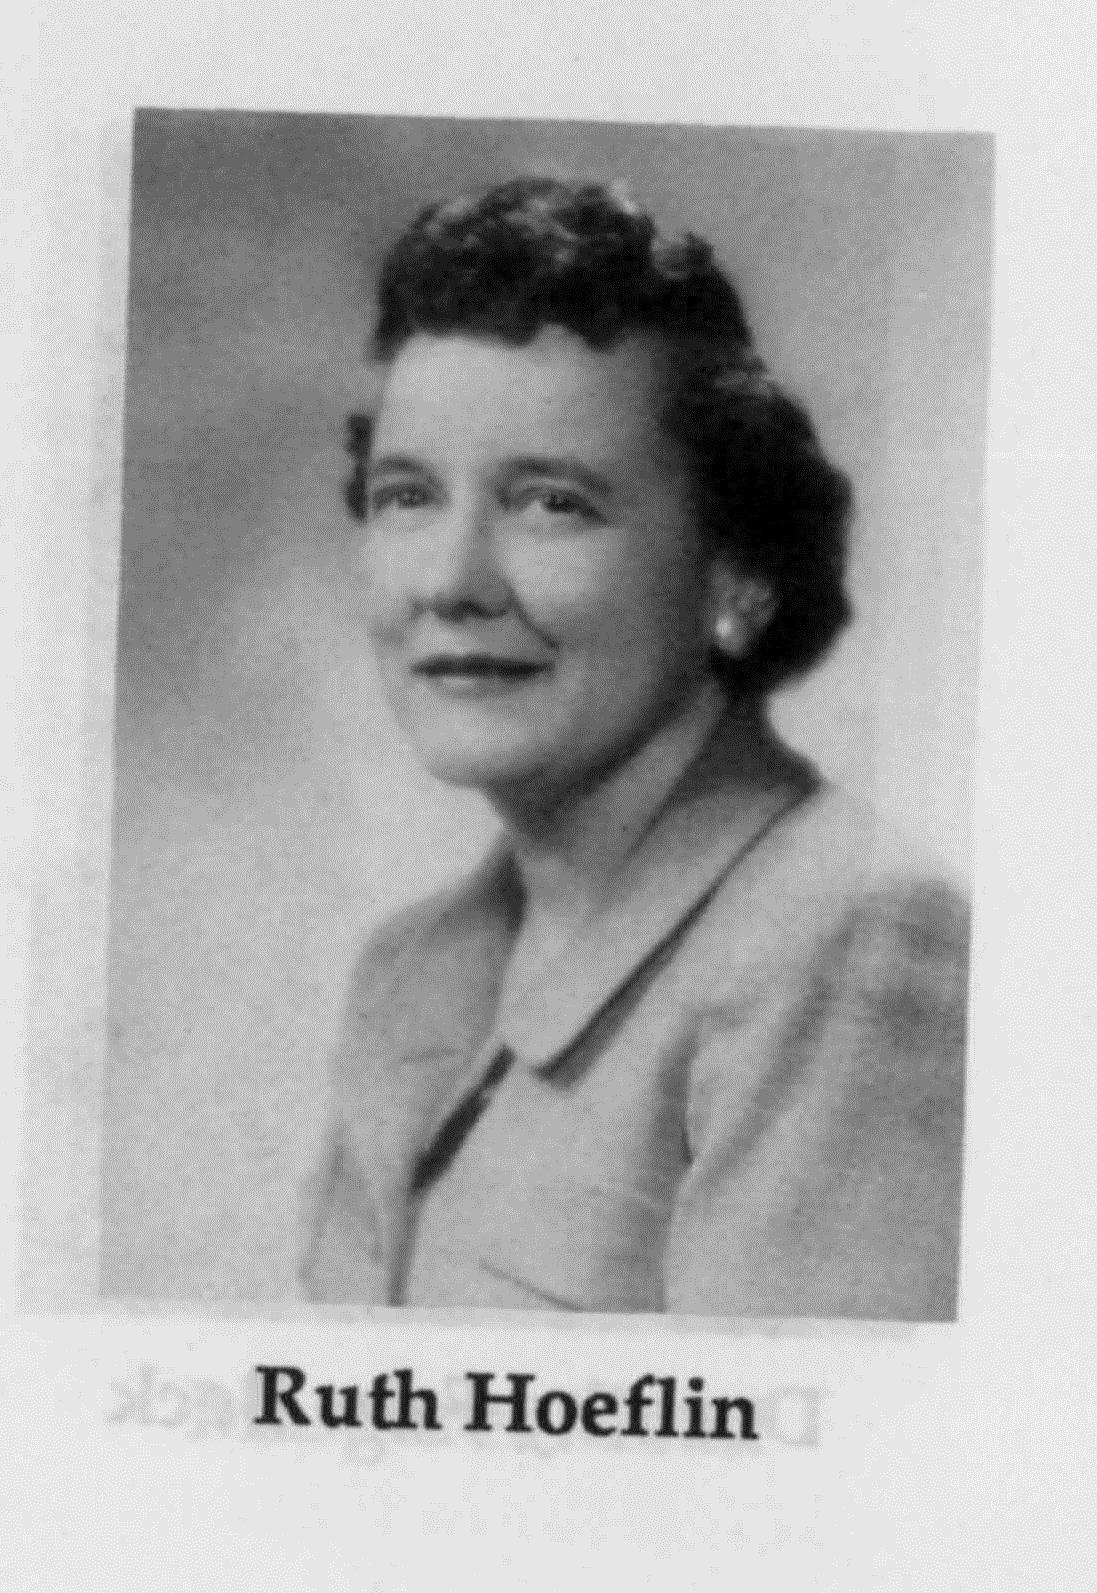 Ruth Hoeflin